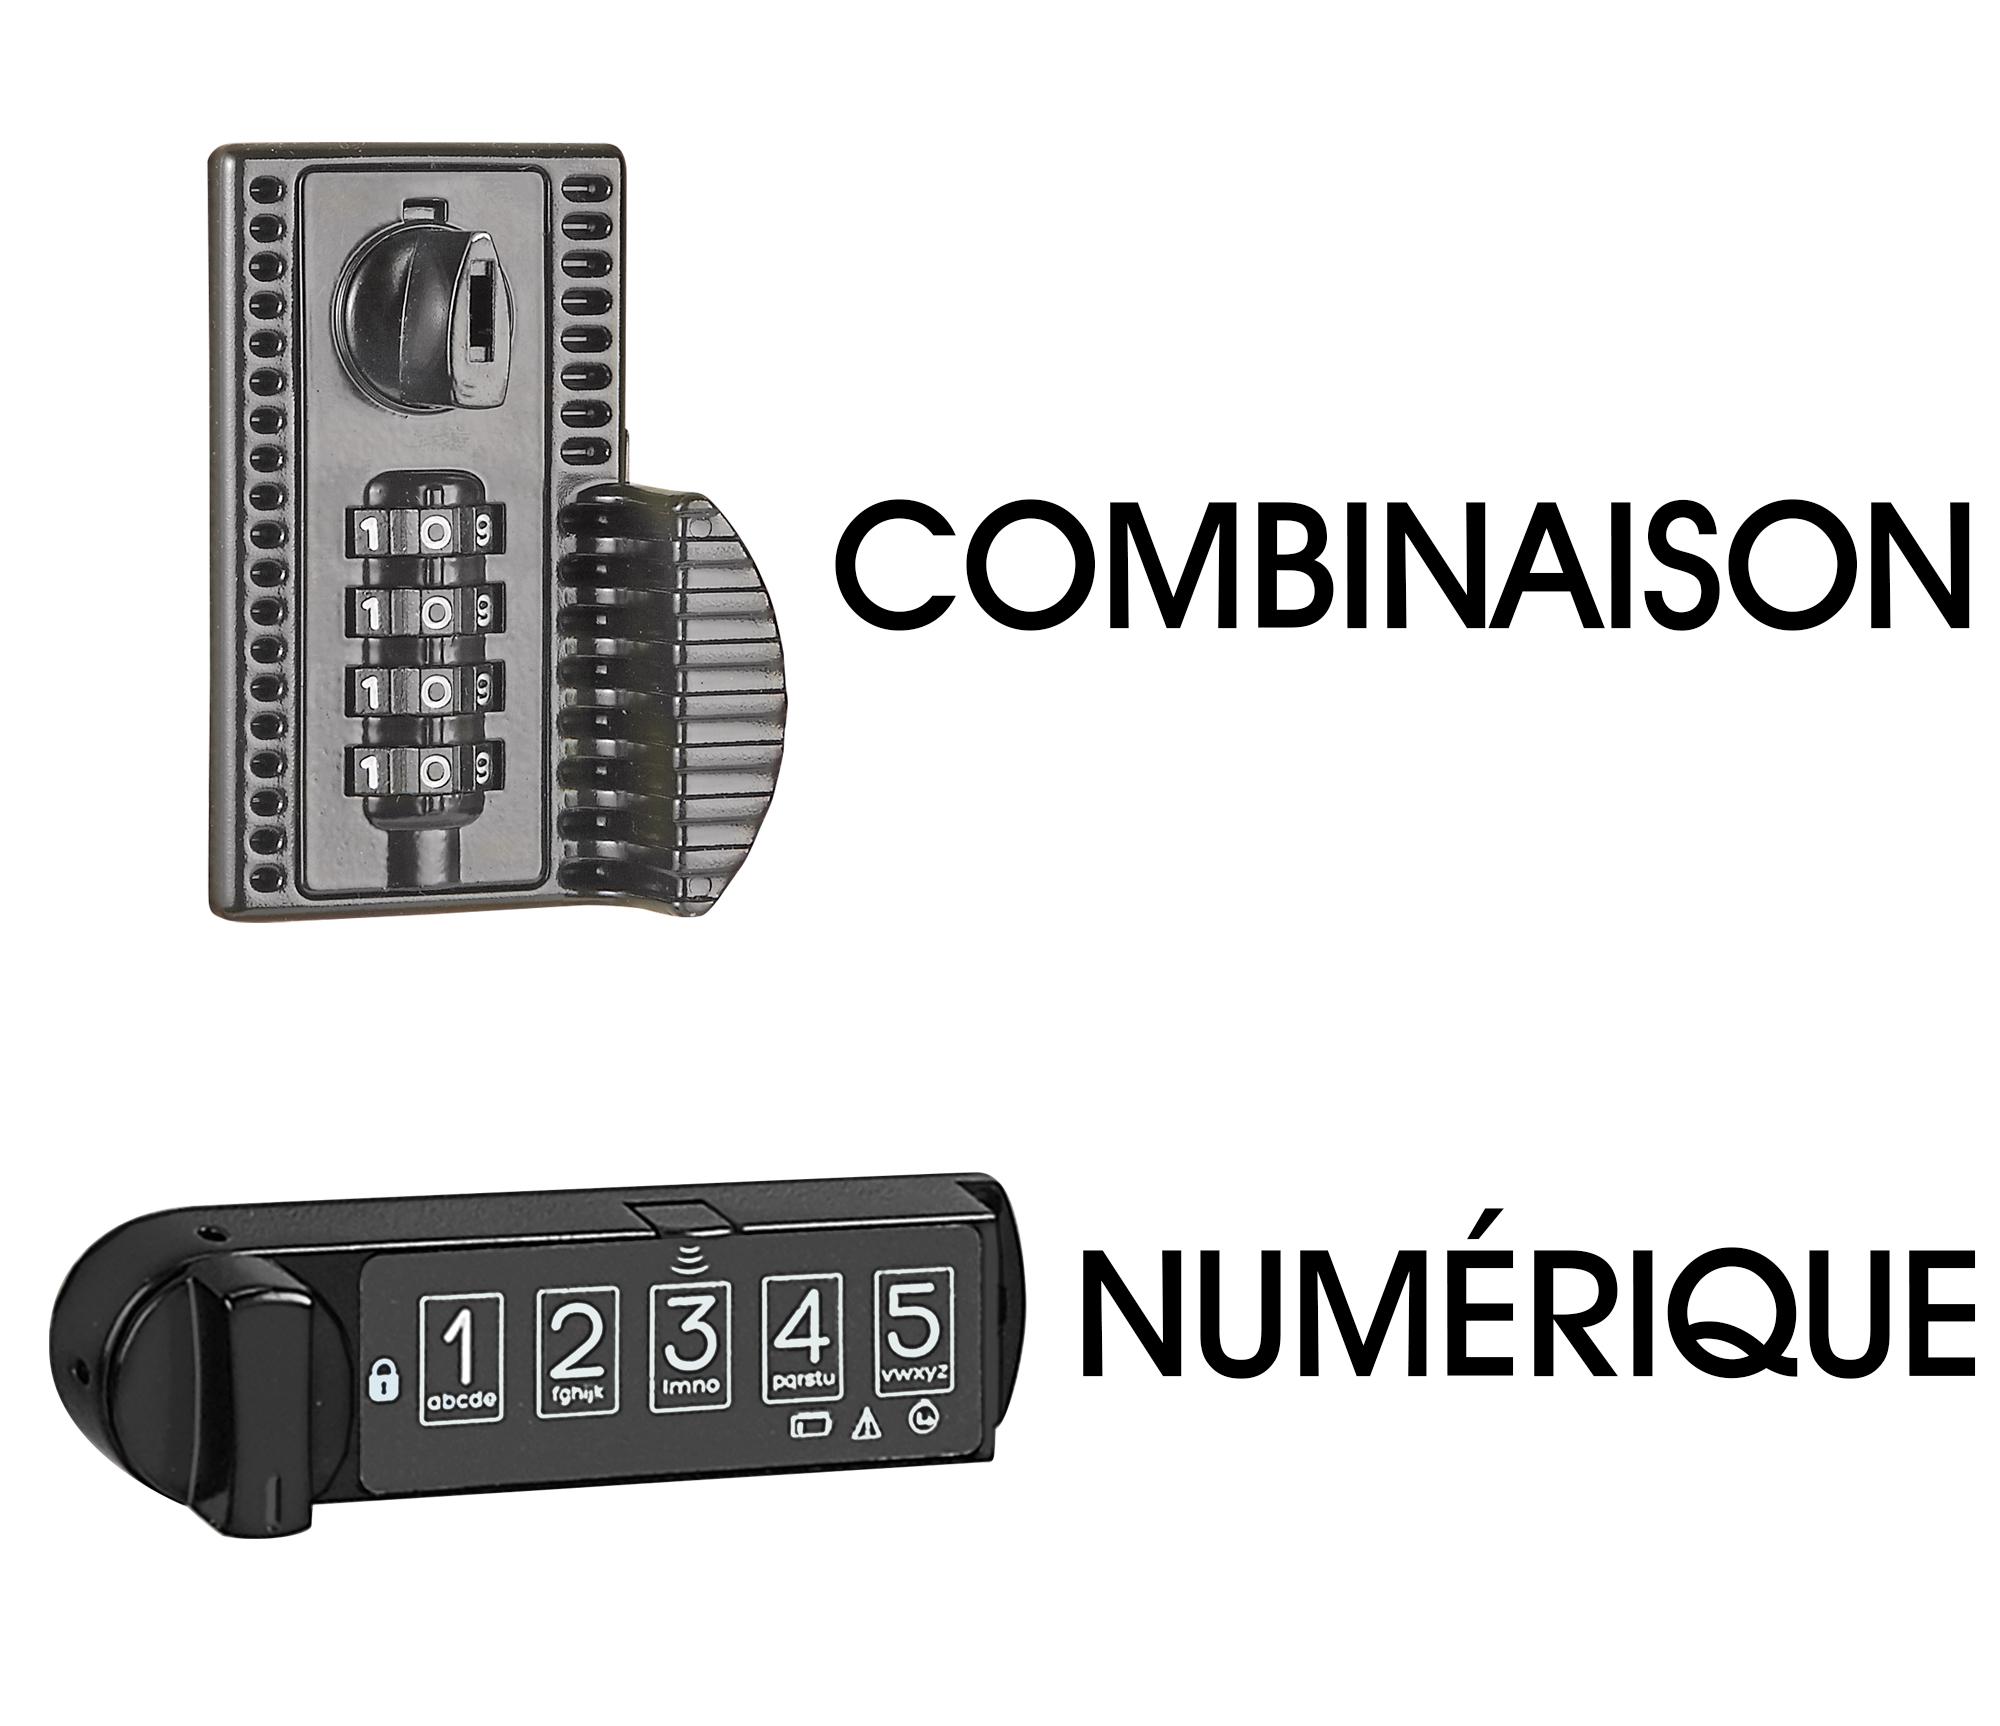 À combinaison et numérique